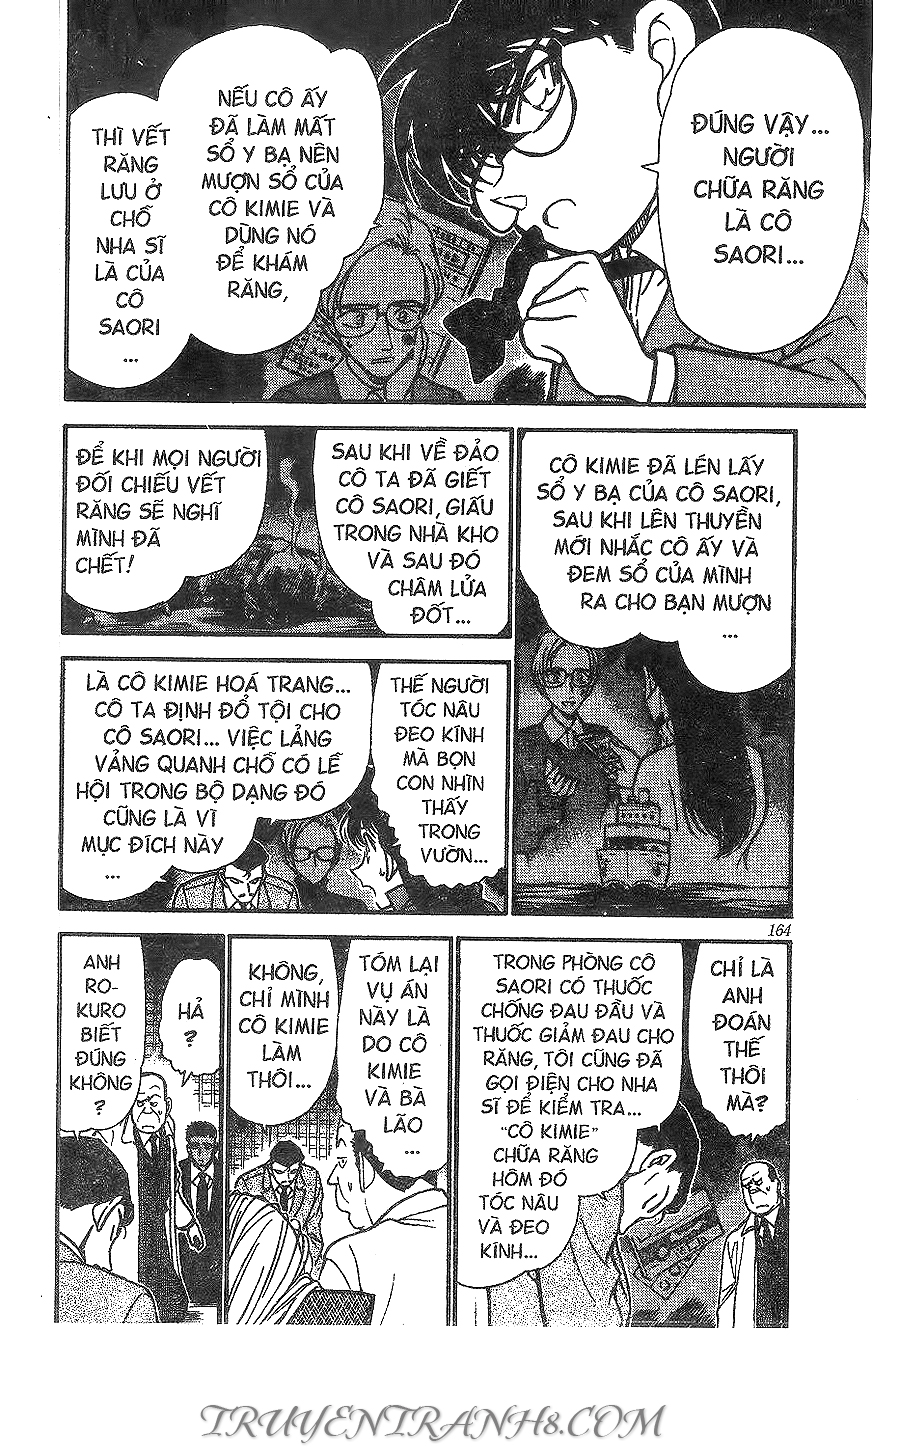 xem truyen moi - Conan Chap 283